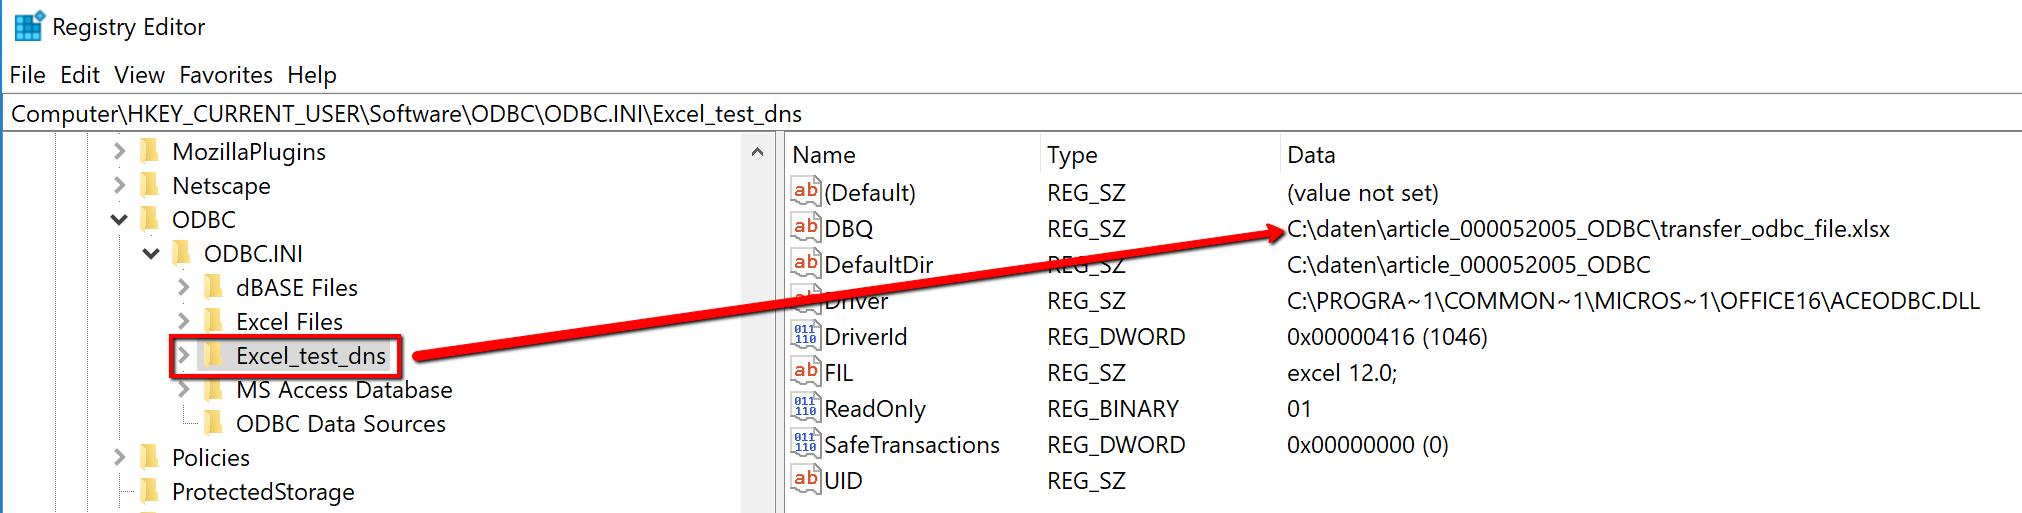 Como transferir conexões de dados ODBC para outro computador